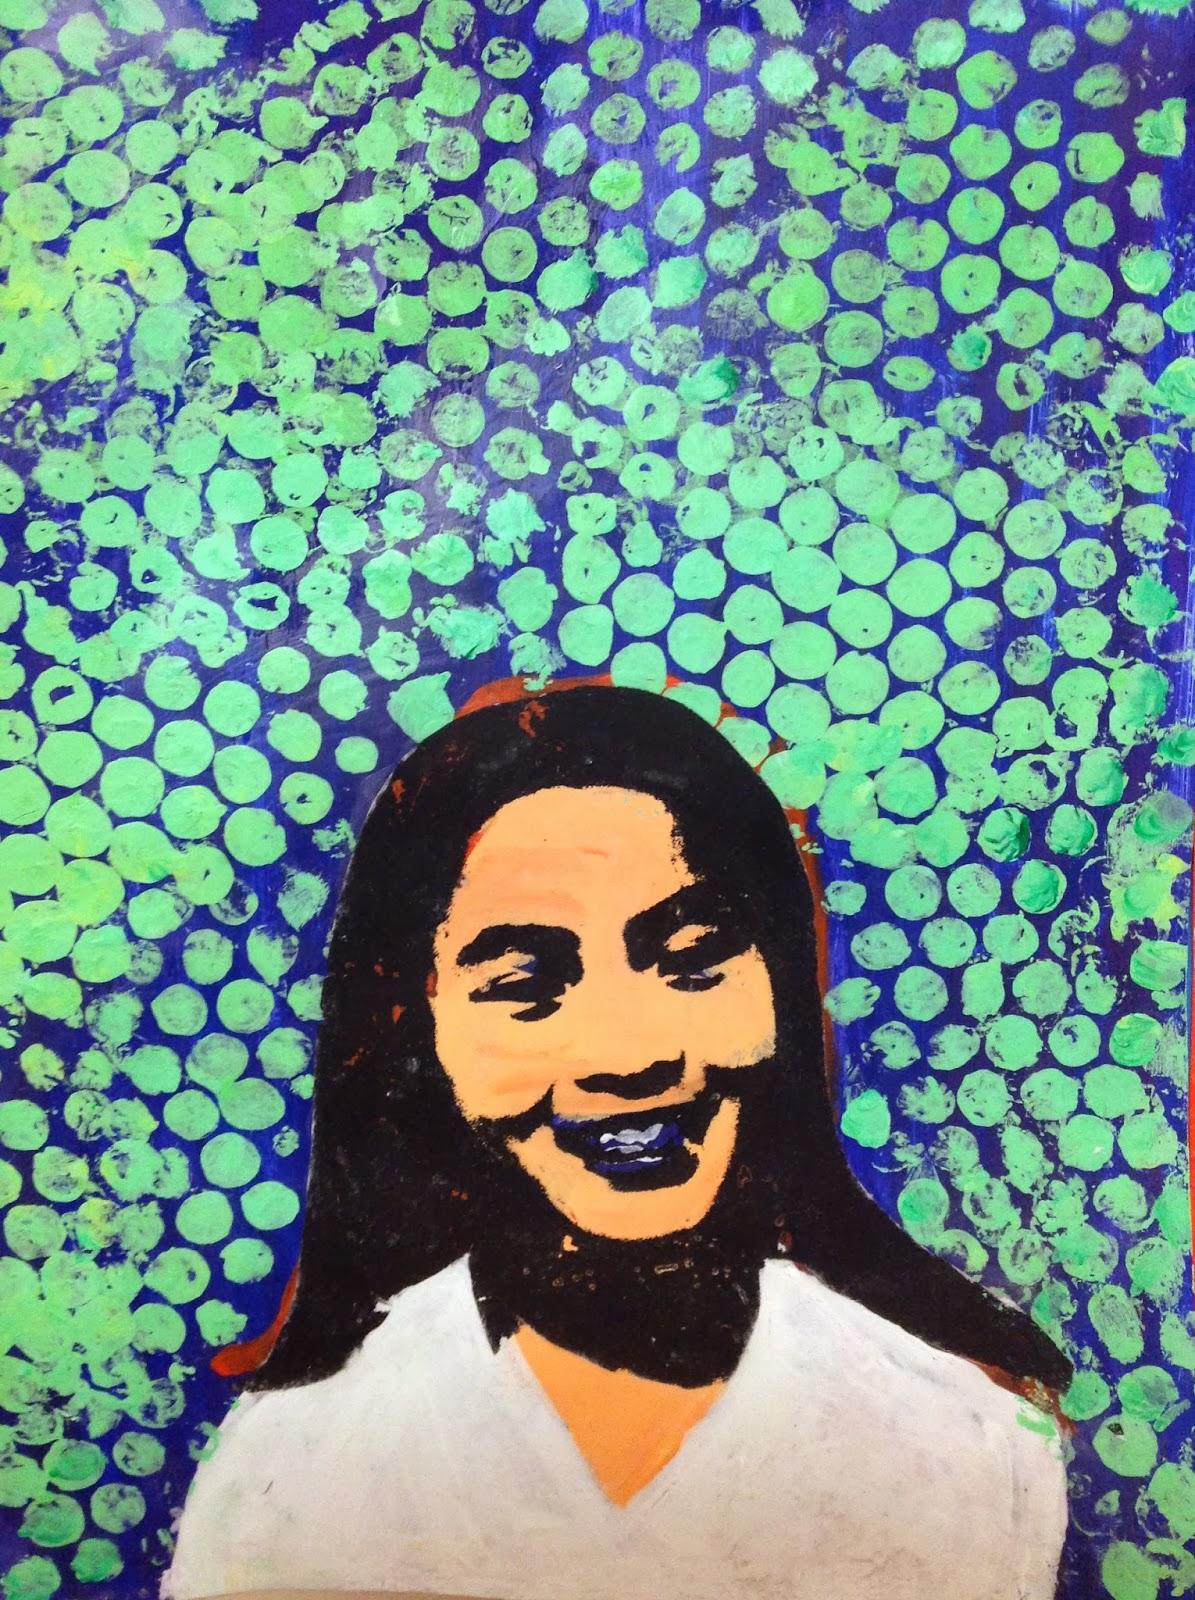 6th Grade Pop Art Portrait Inspired by Roy Lichtenstein